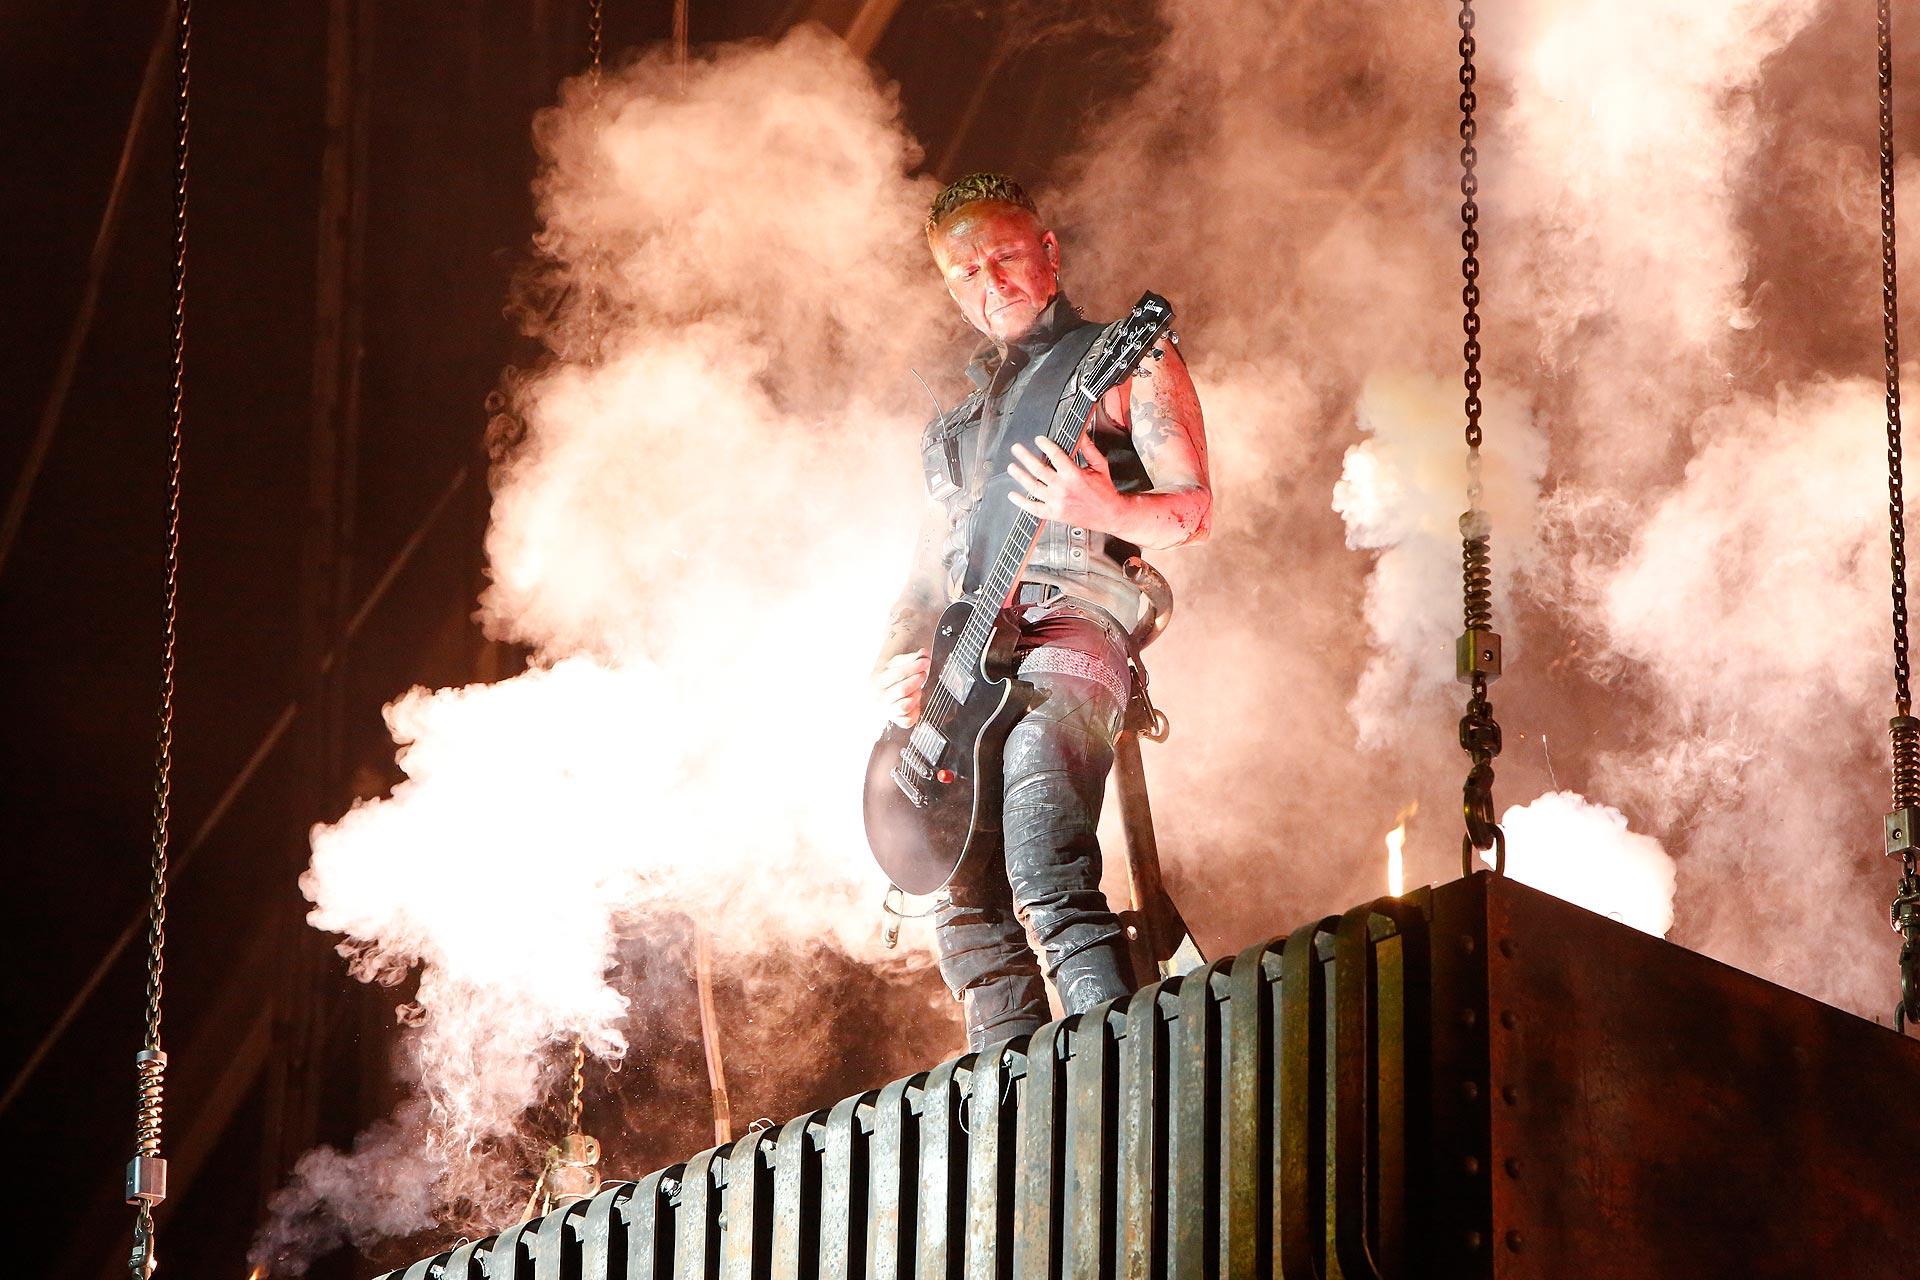 Jede Menge Pyrotechnik kam bei der Show von Rammstein zum Einsatz